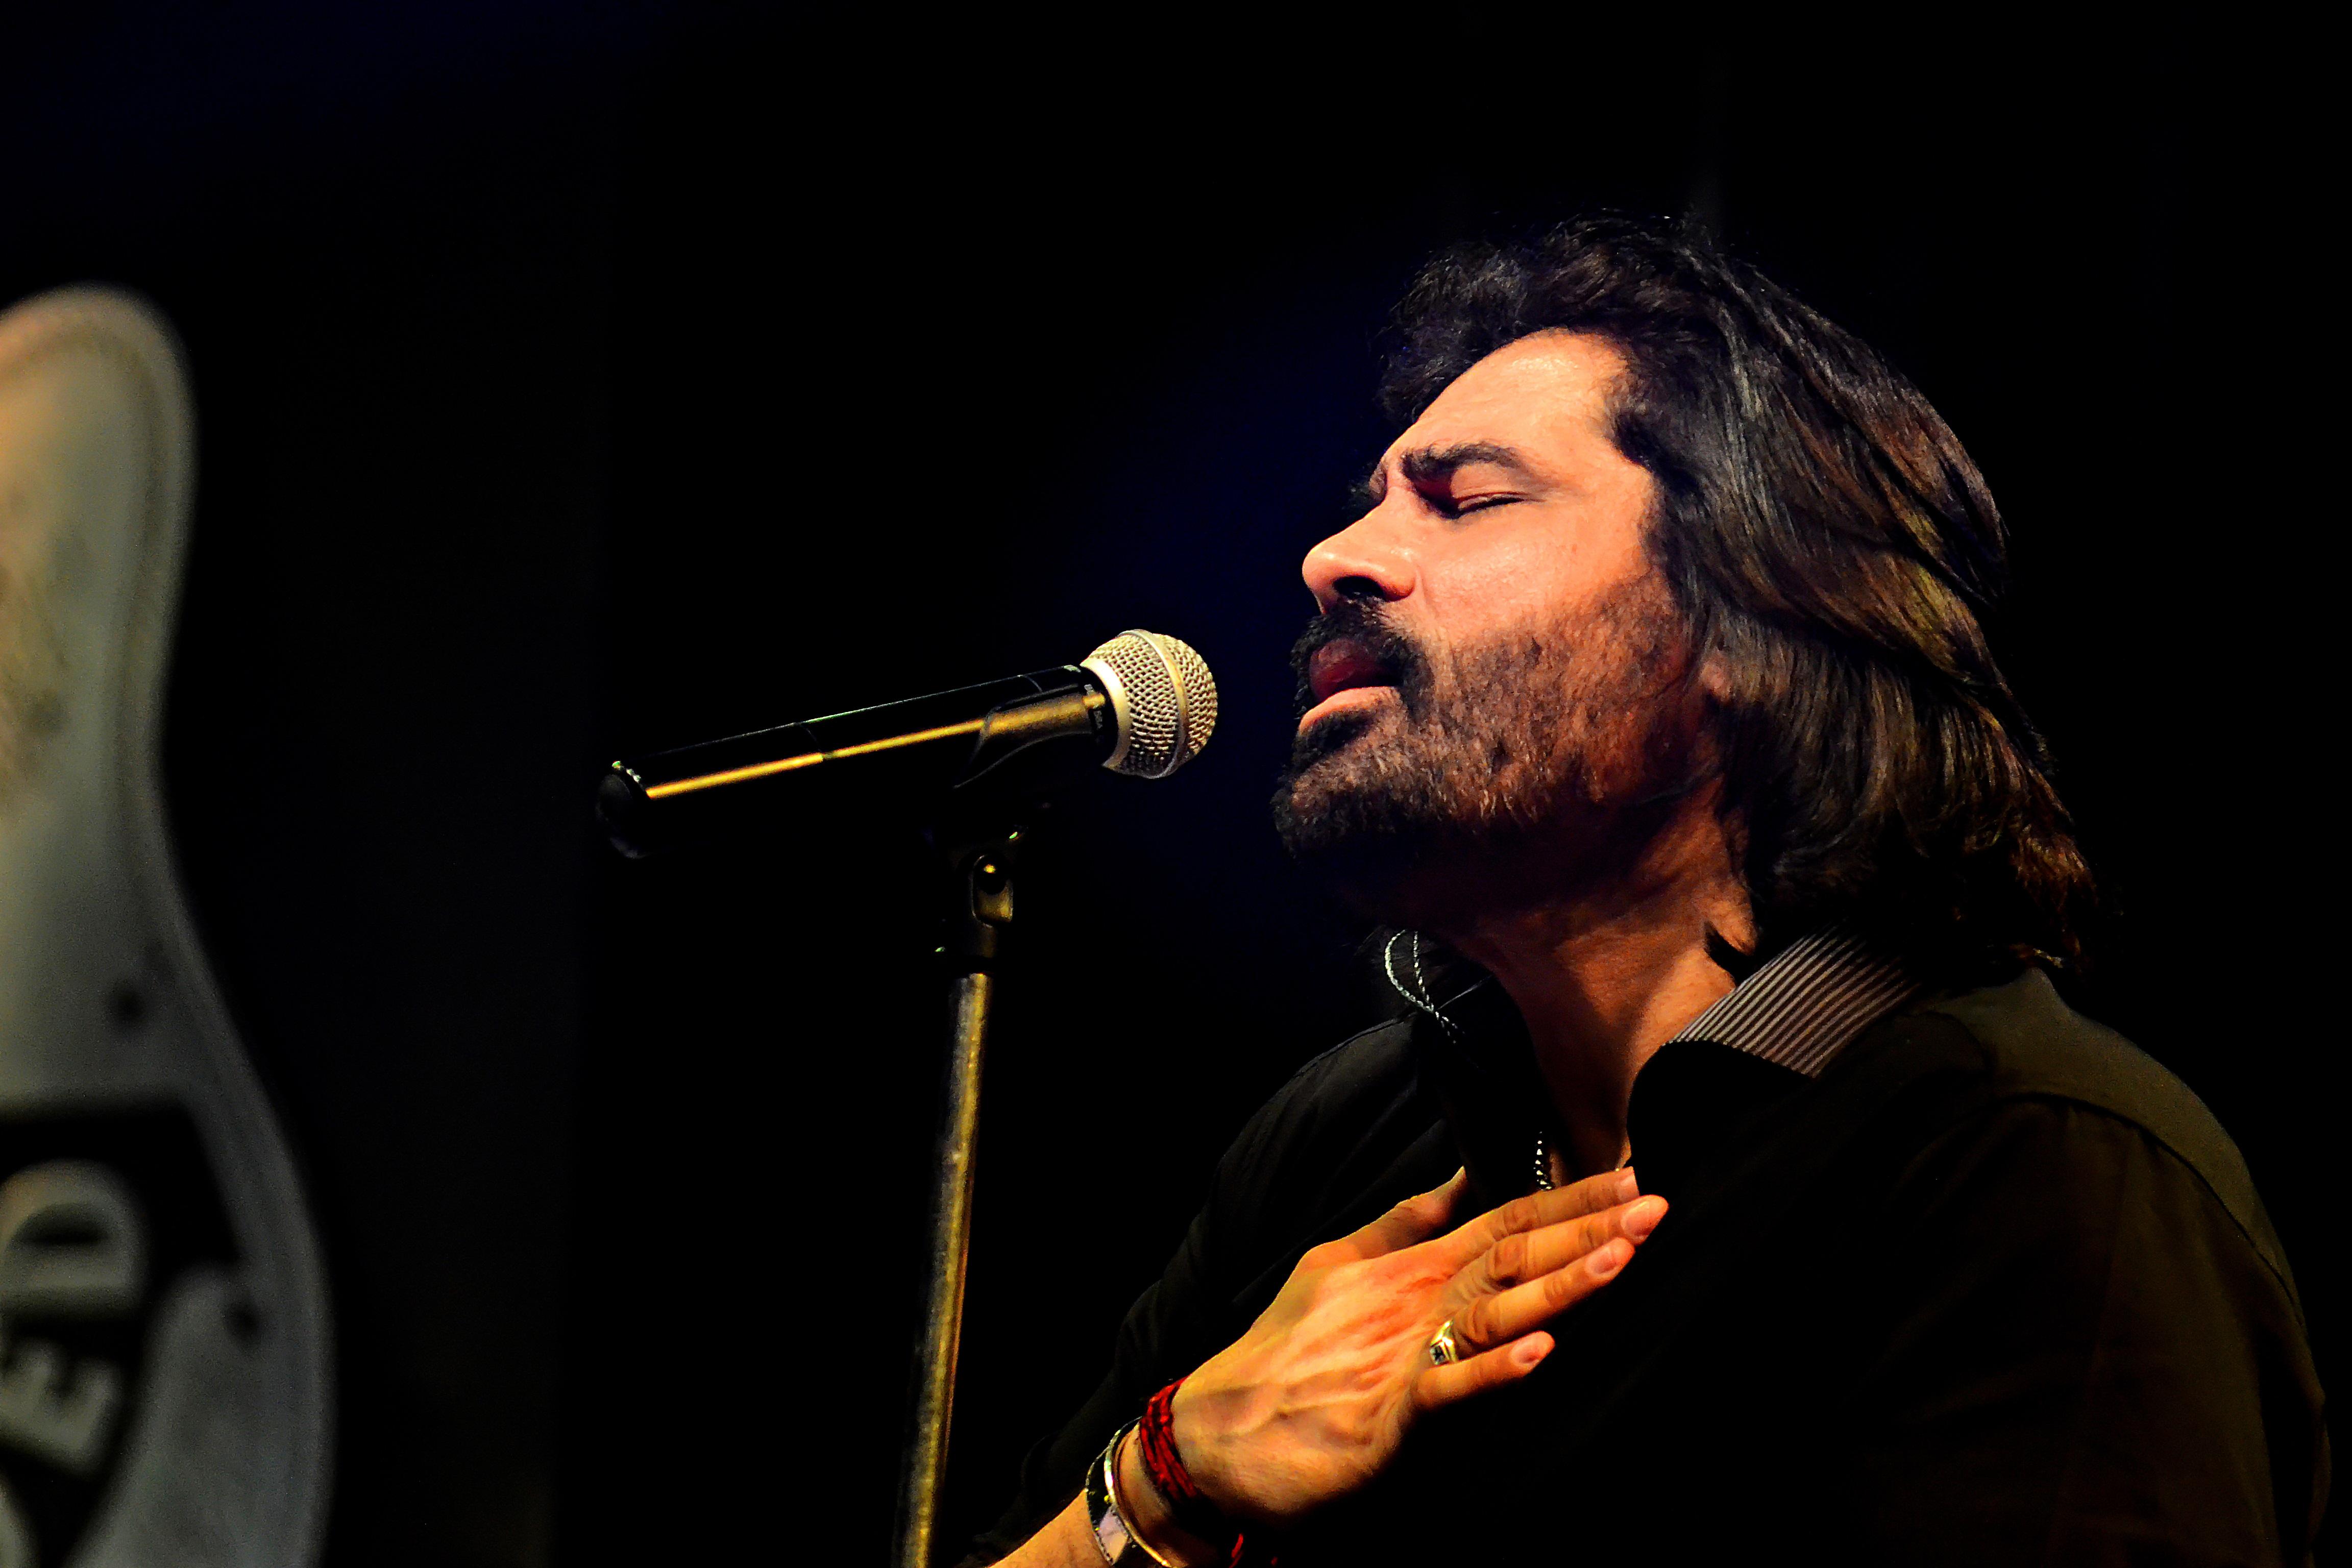 Ost alif allah aur insaan mp3 download shafqat amanat ali djbaap. Com.